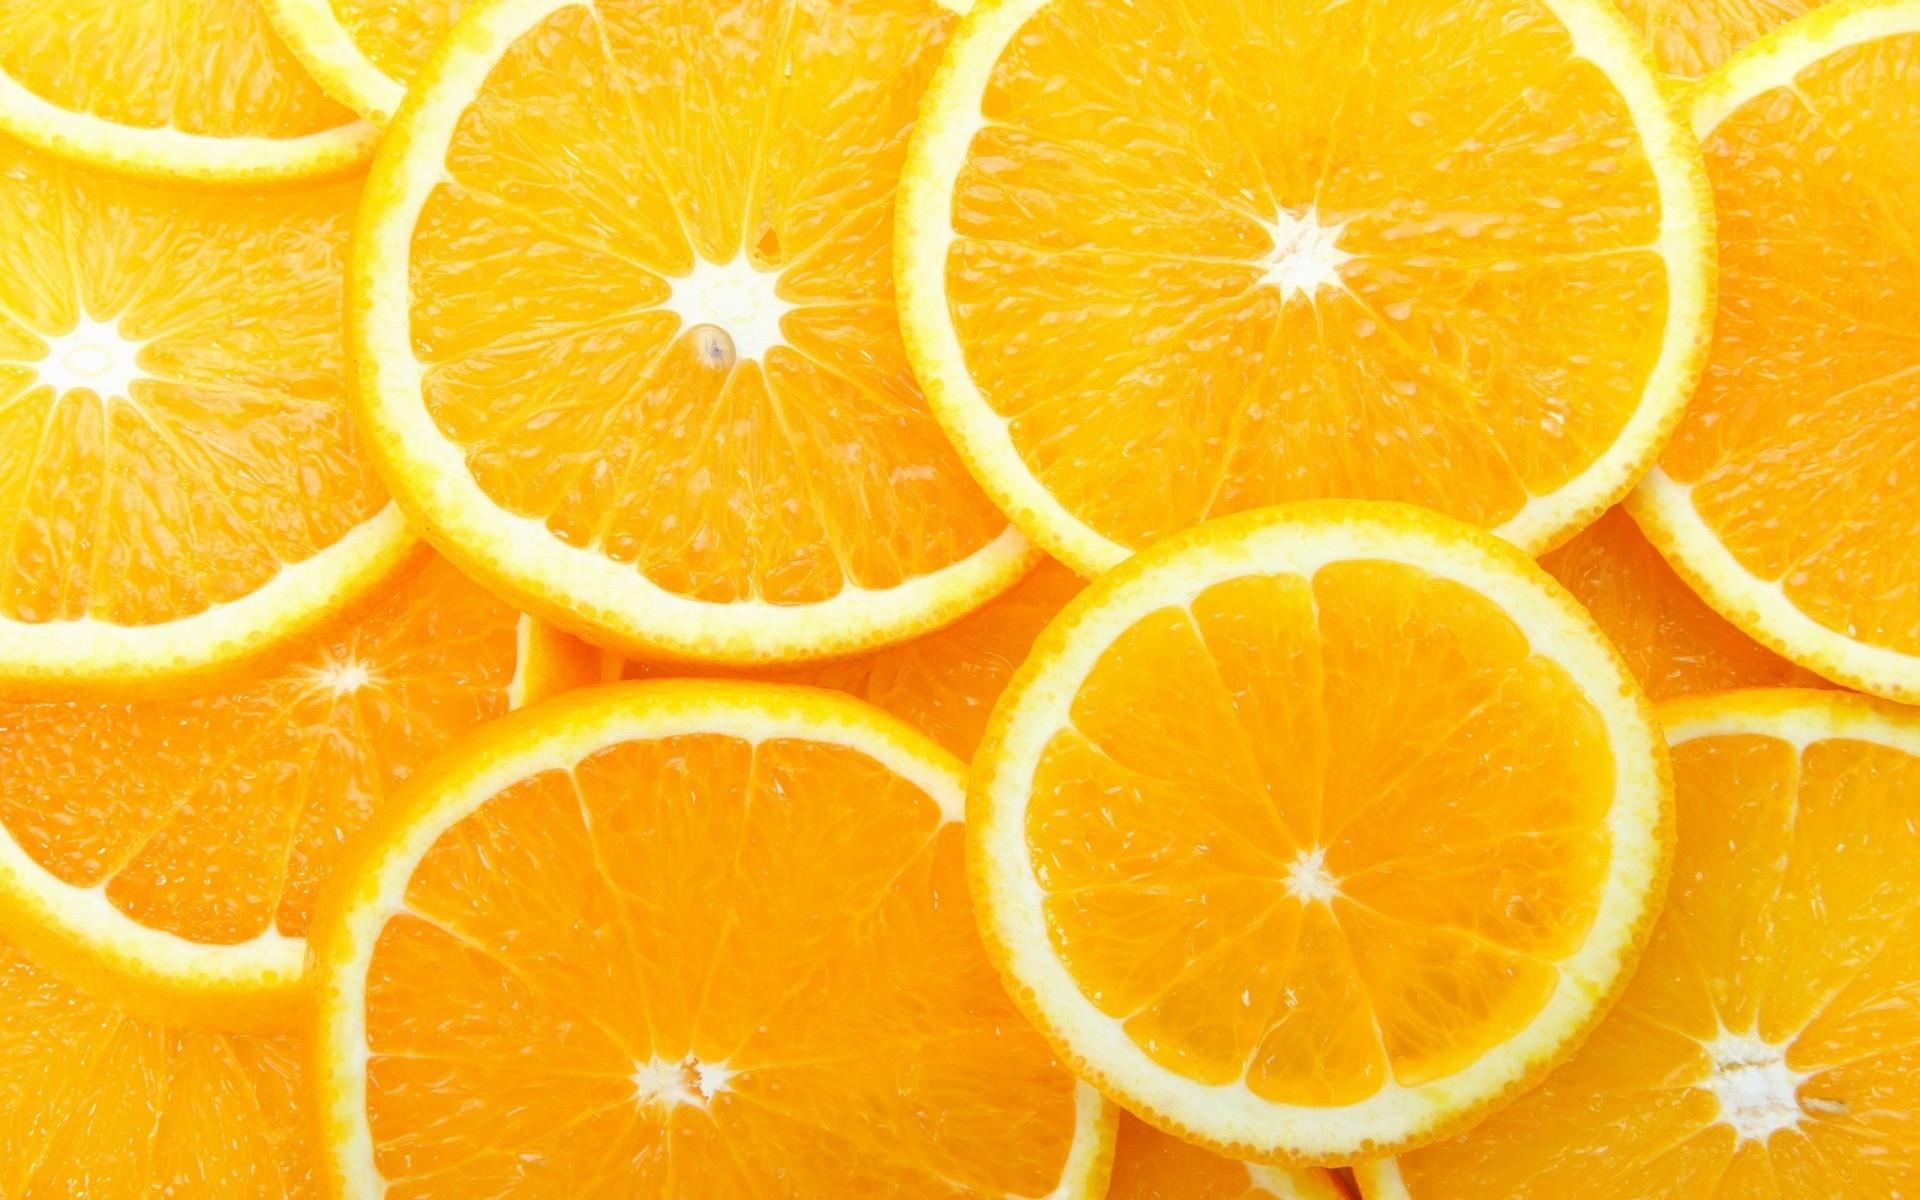 Naranjas partidas x la mitad - 1920x1200